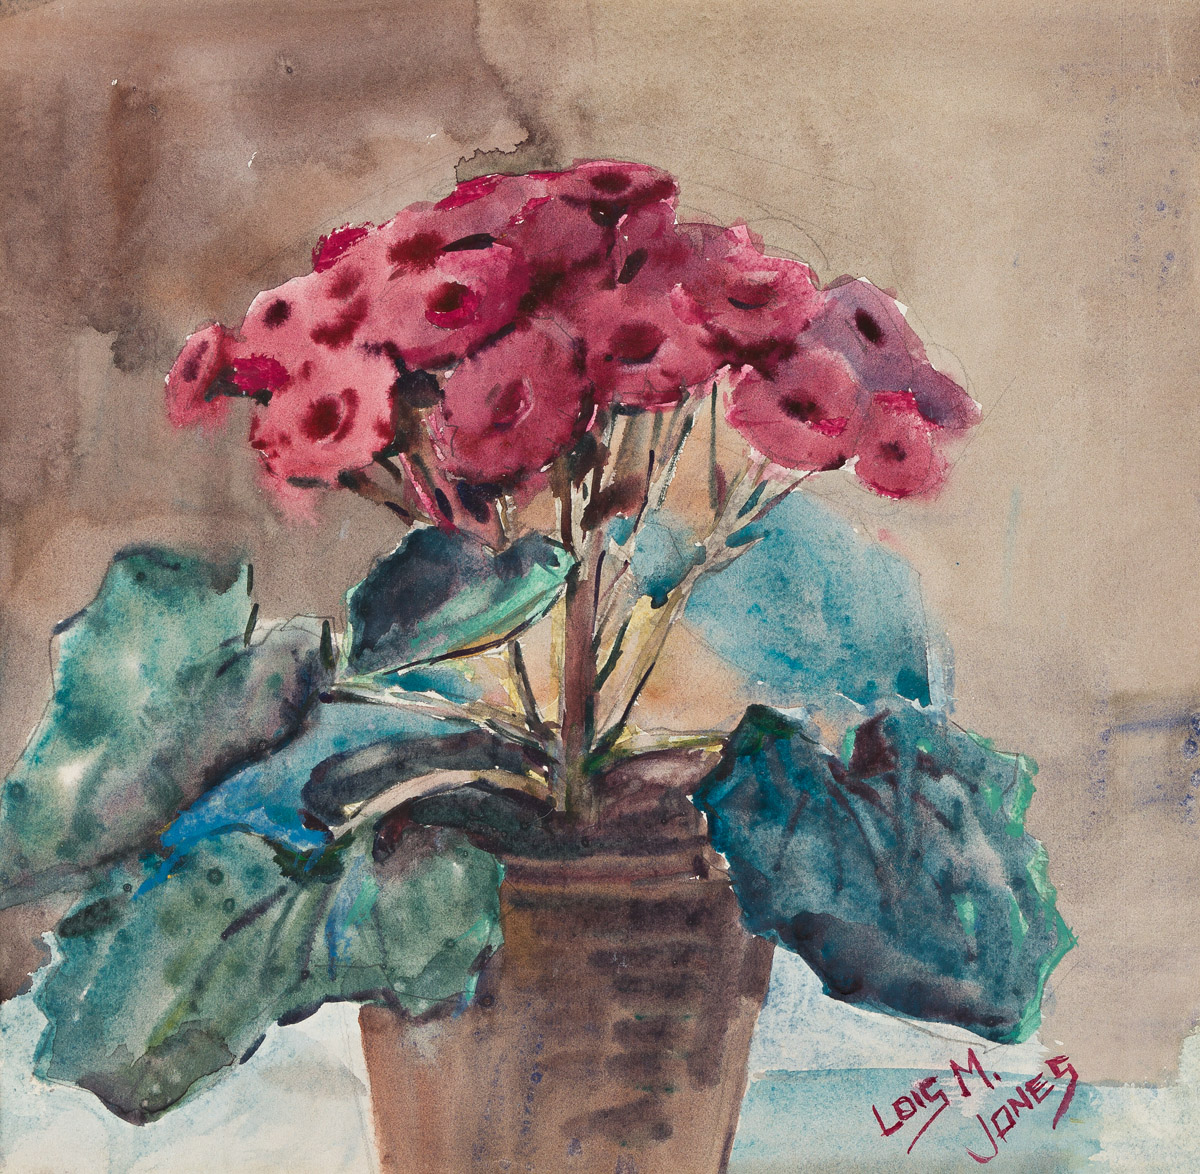 LOÏS MAILOU JONES (1905 - 1998) Untitled (Geraniums).